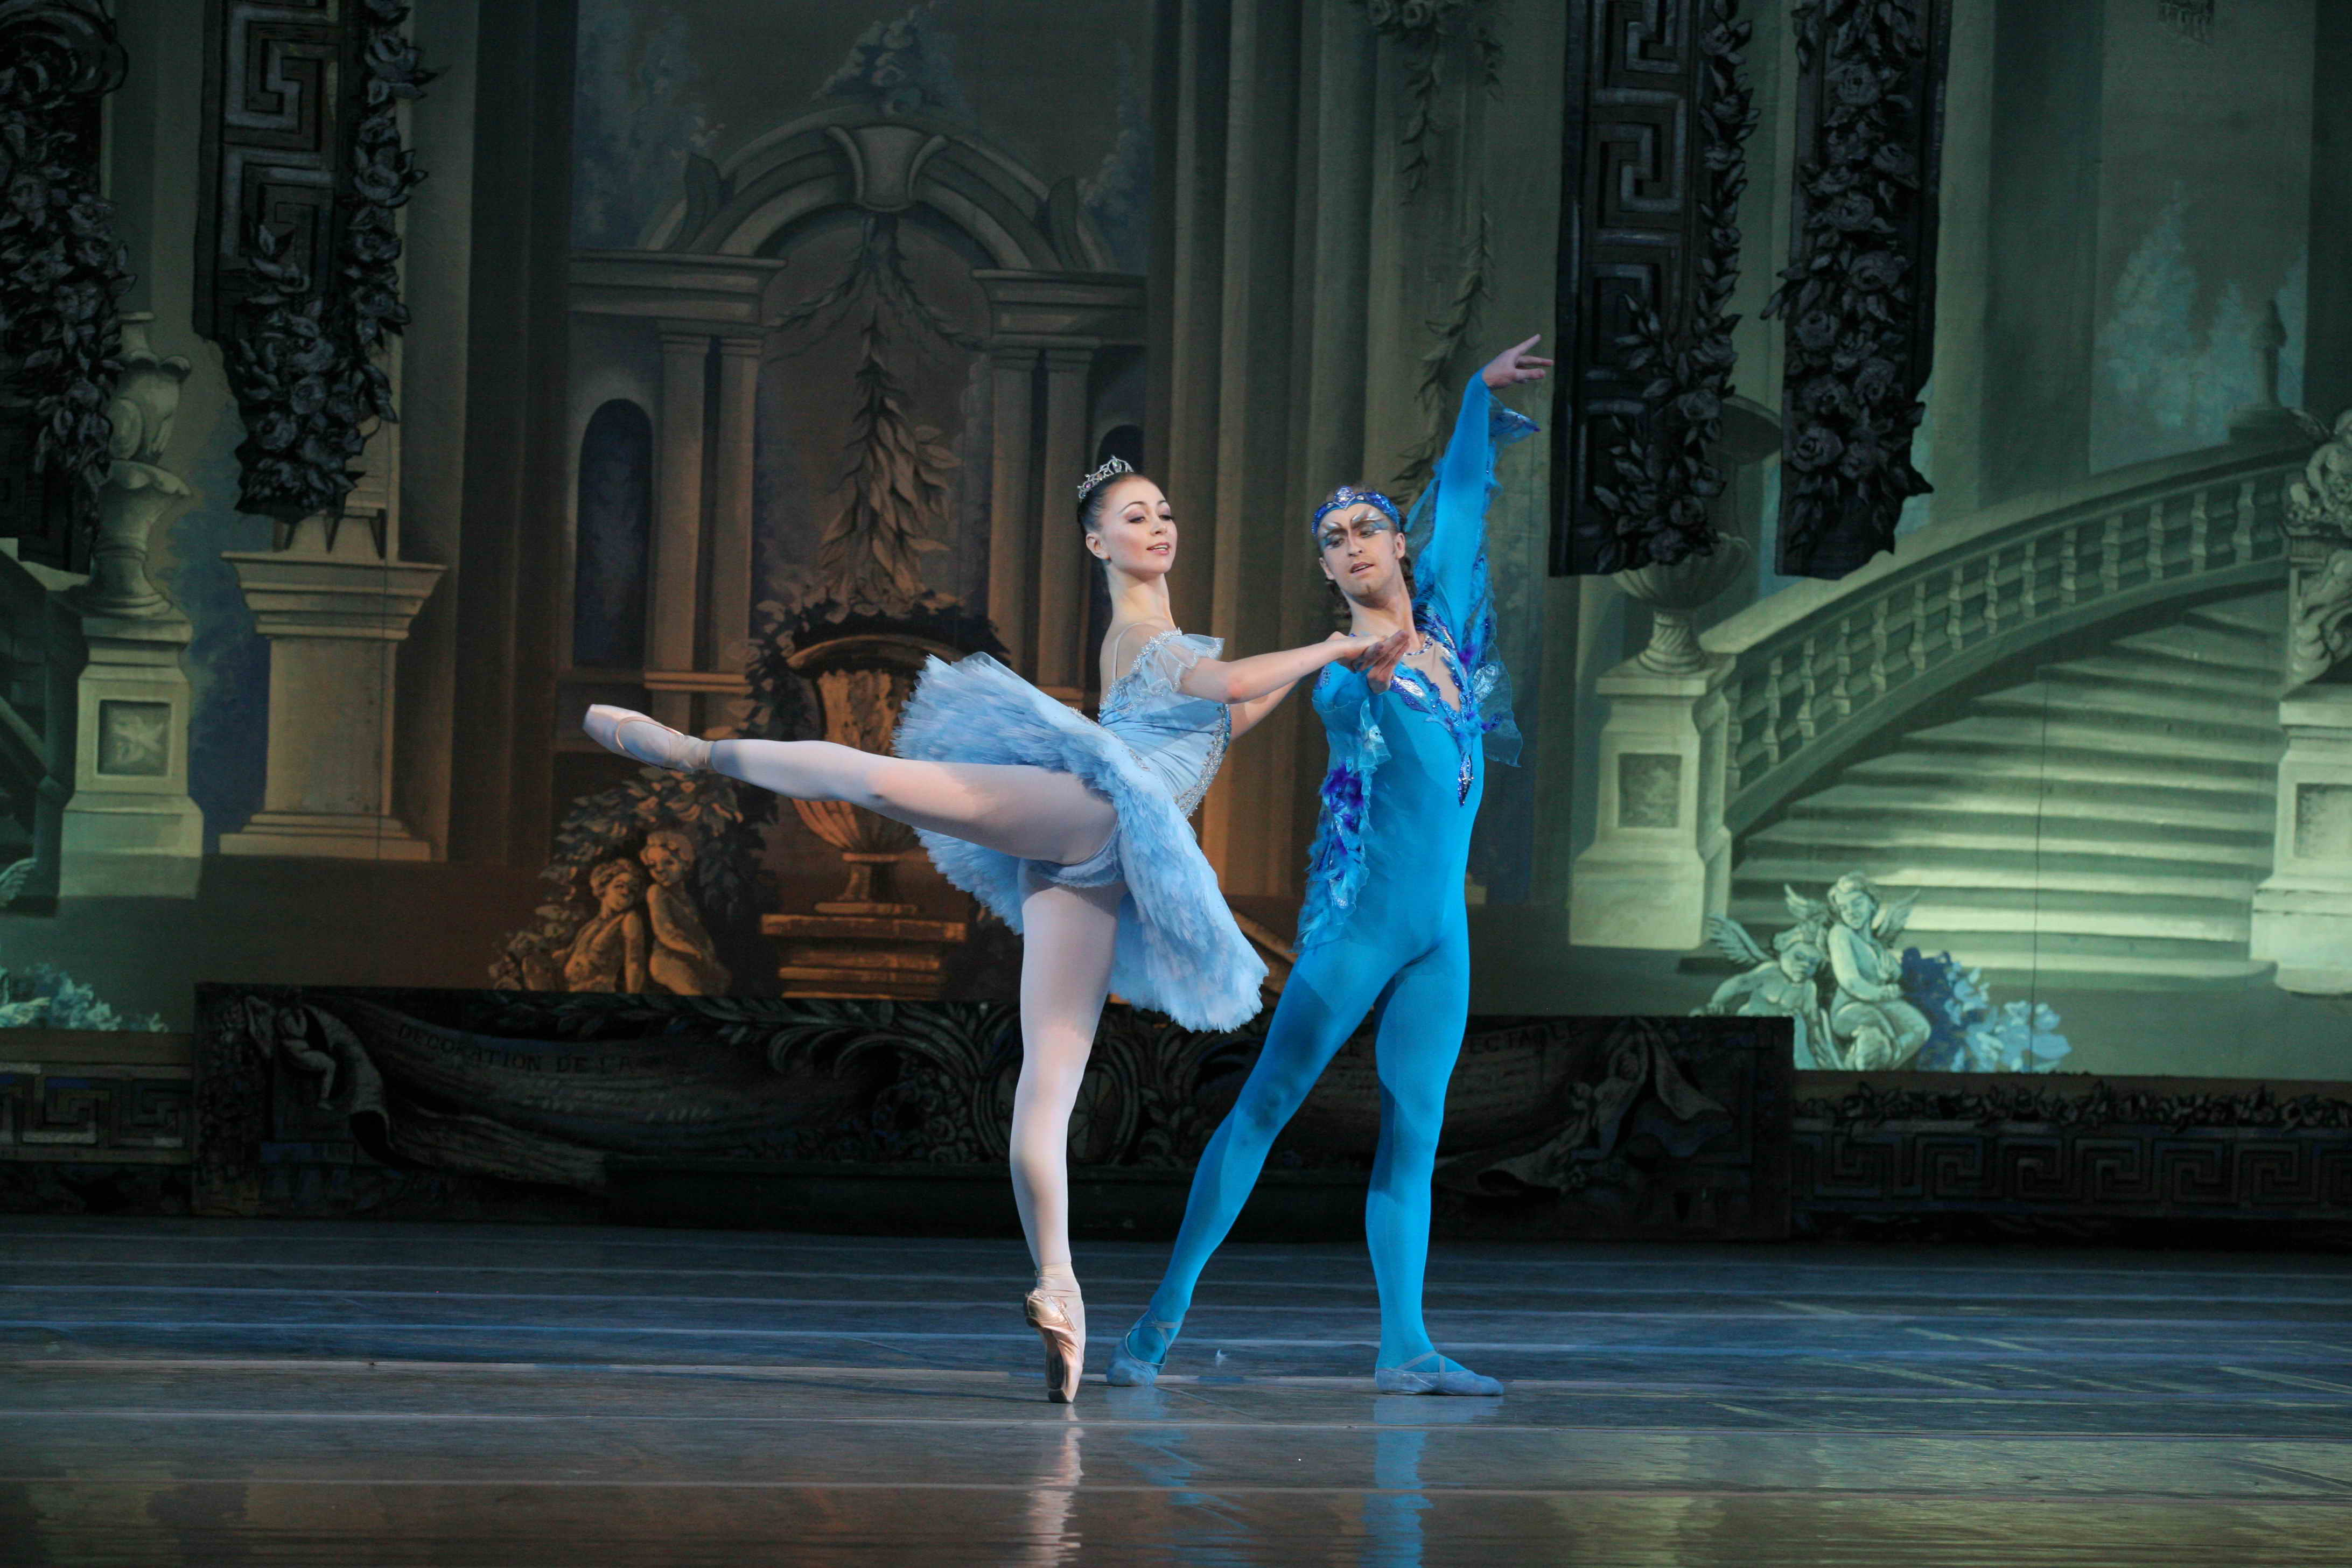 http://ballet.unblog.fr/files/2010/01/labelle16.jpg